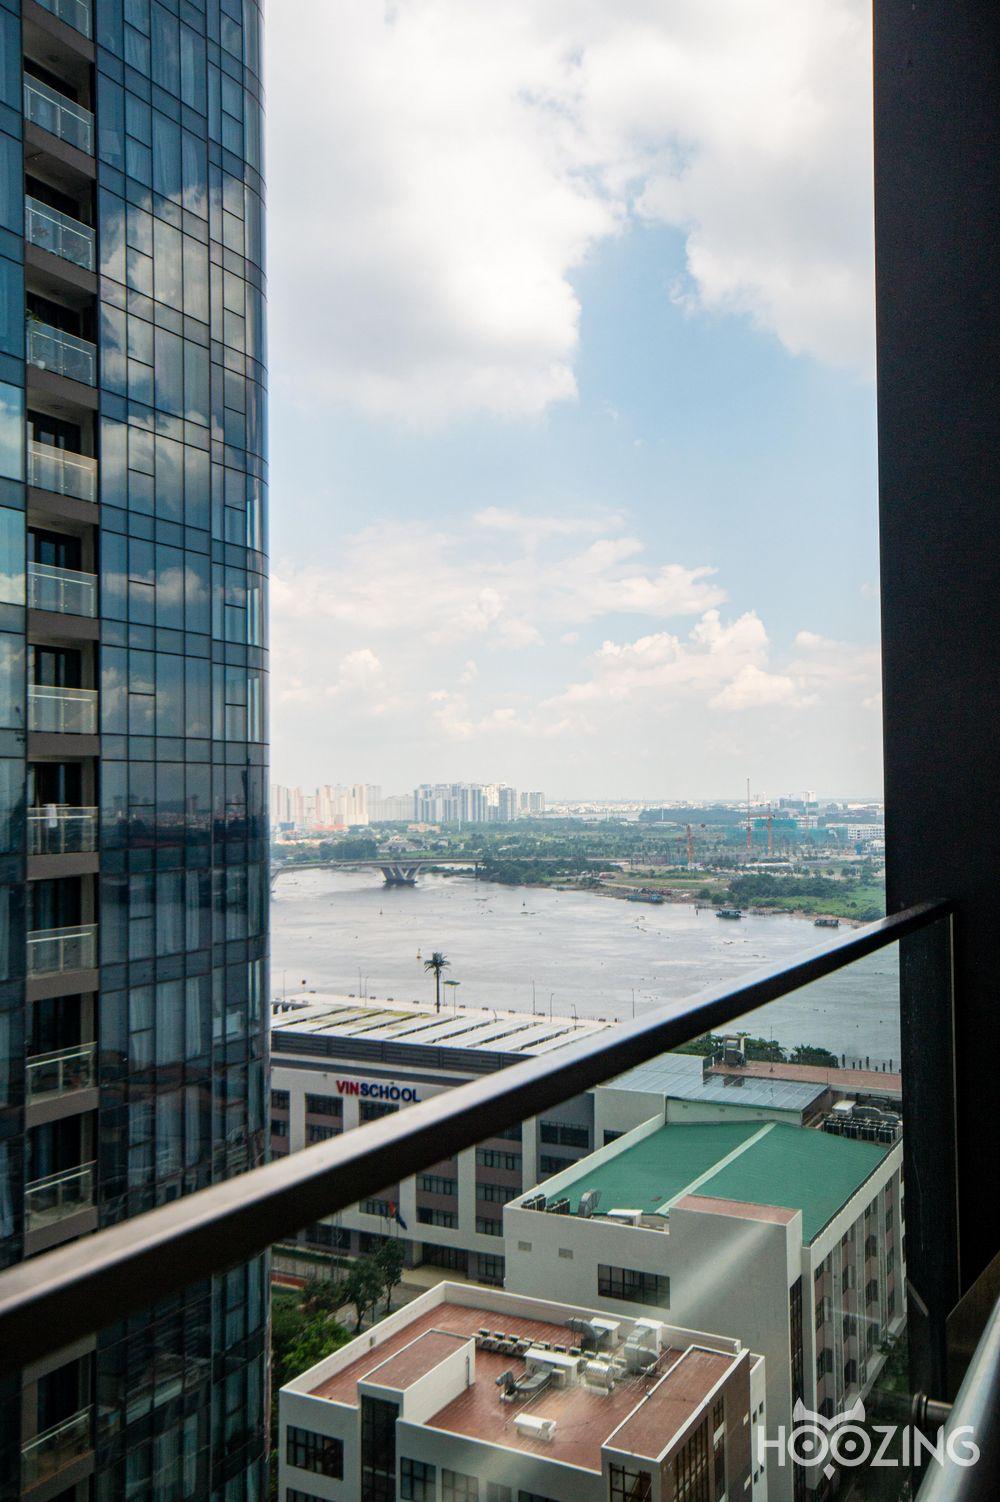 Vinhomes Golden River Office-tel Apartment 2 Bedrooms - Basic Furnished & Sun-Filled